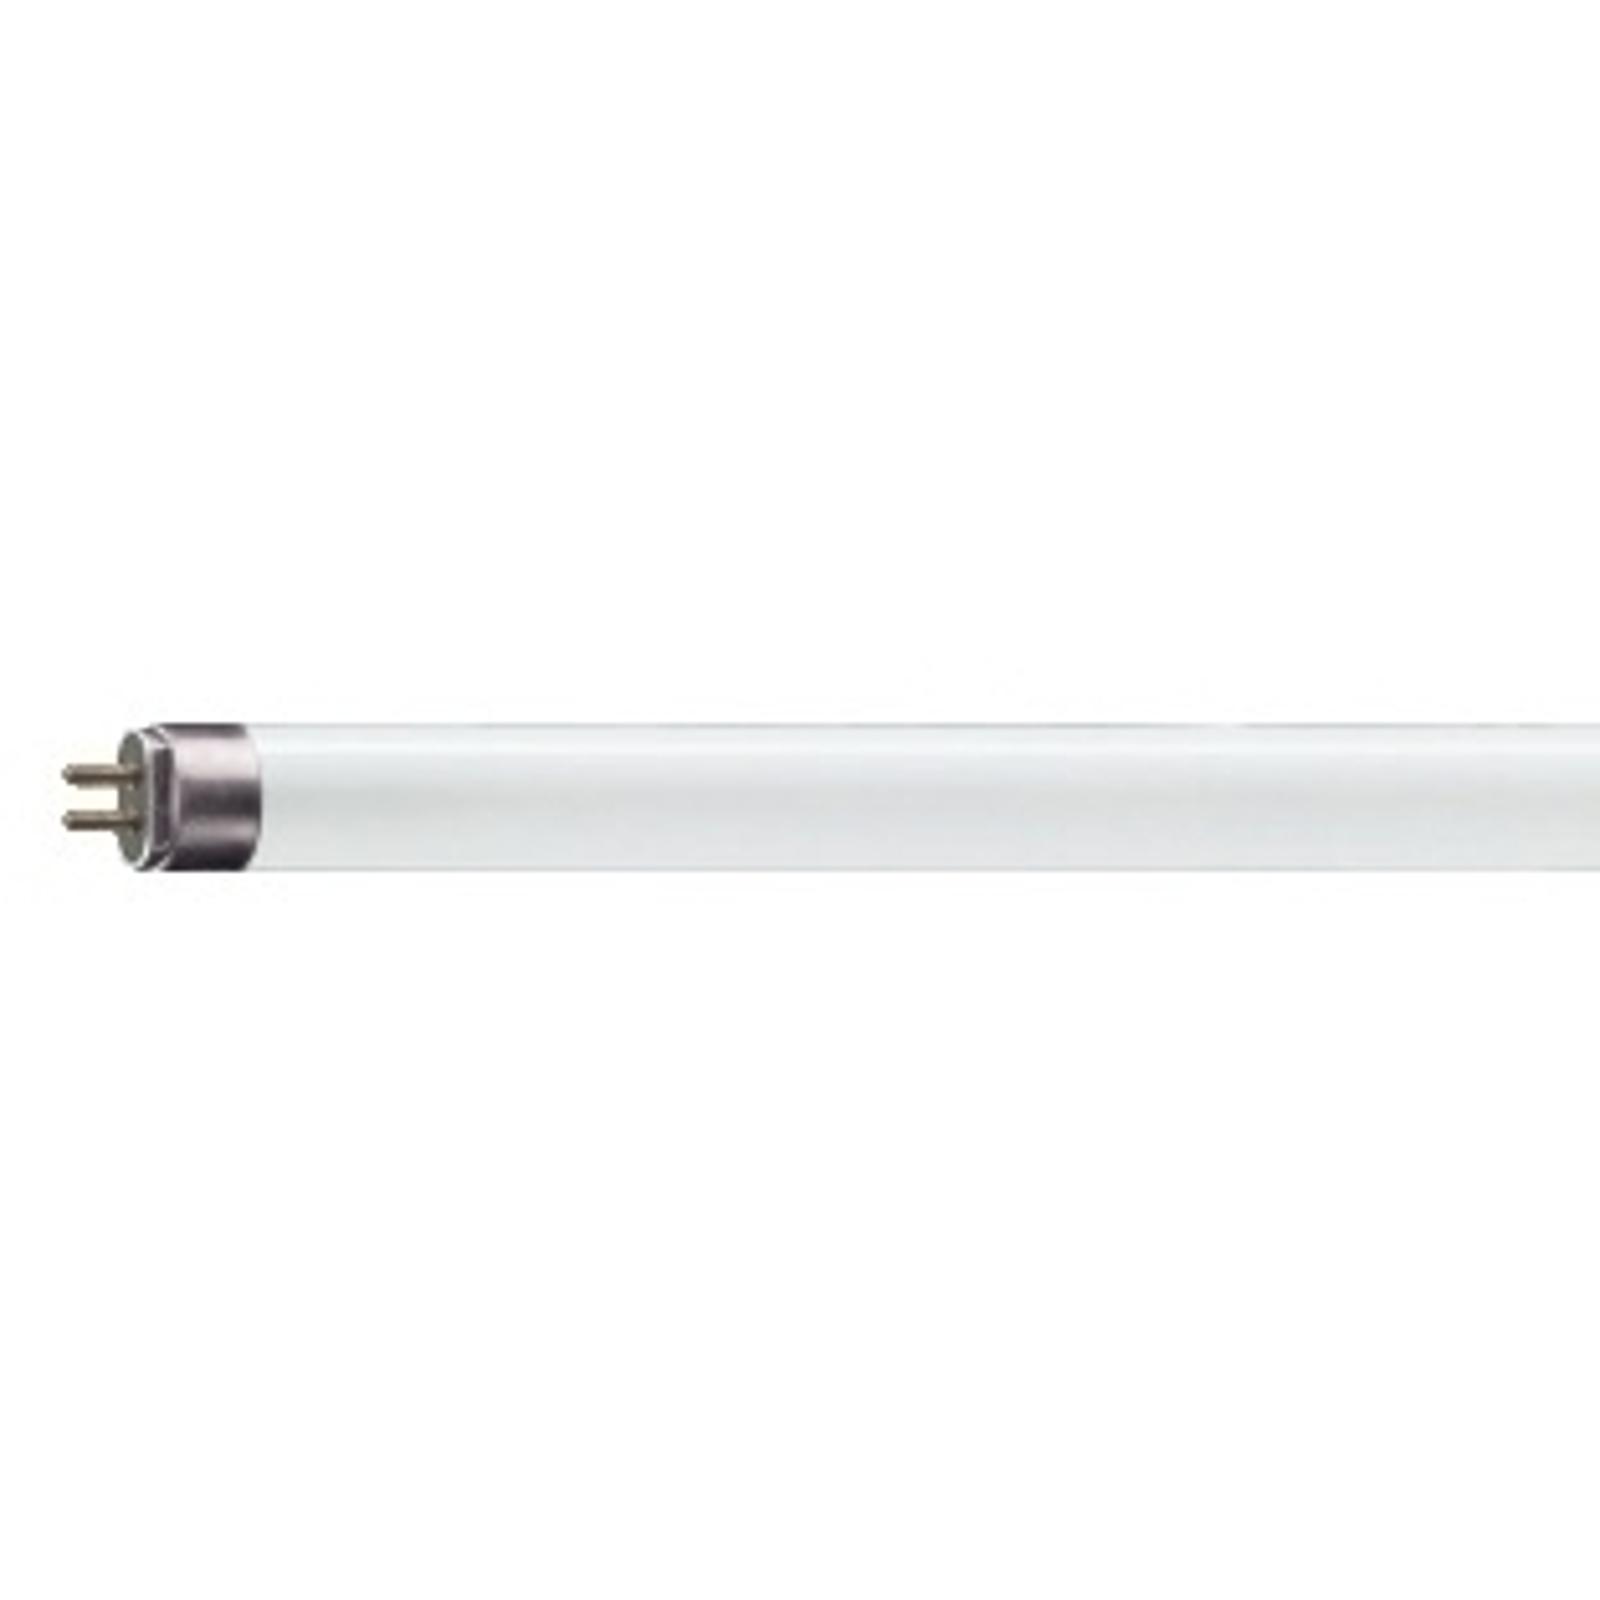 G5 T5 PHILIPS MASTER TL Mini standard 765 8W - 765